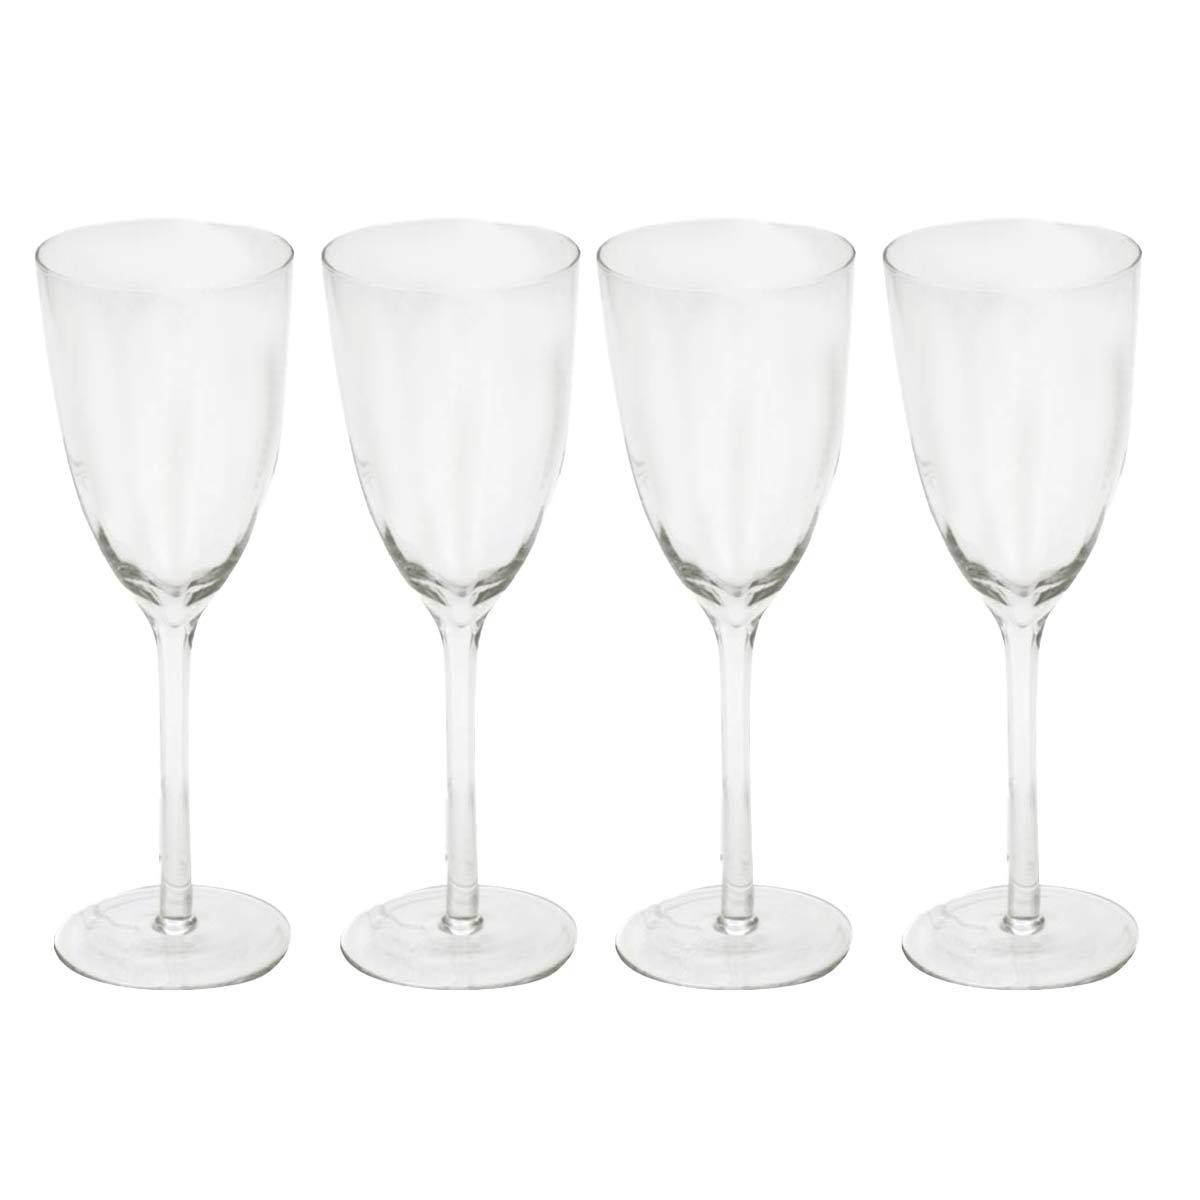 Jogo 4 Taças para Vinho Tinto Com Design BTC 380 ml  - Lemis